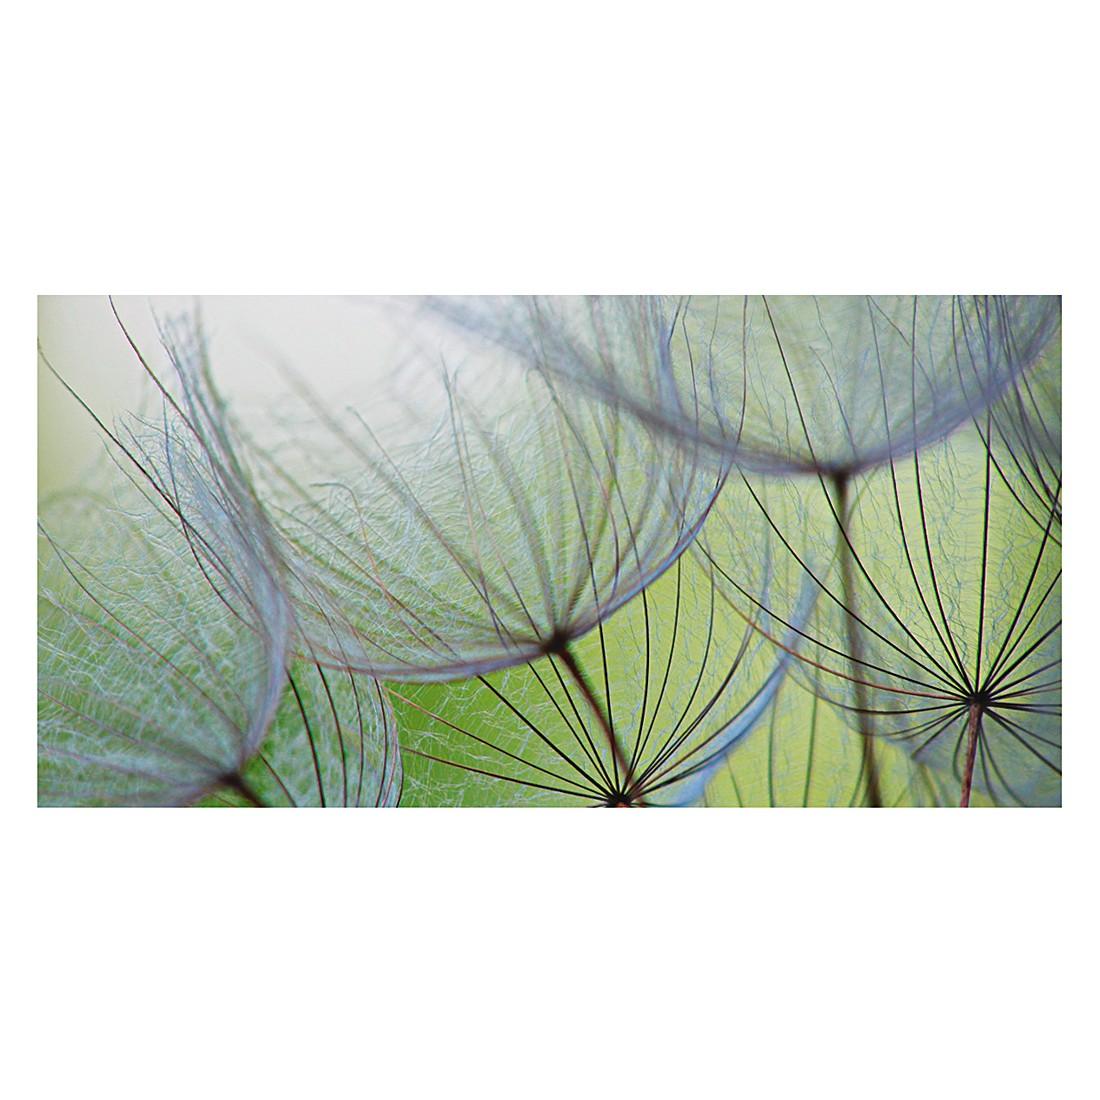 Glasbild Dandelion Seed – Größe: 50 x 100 cm, Artland online kaufen